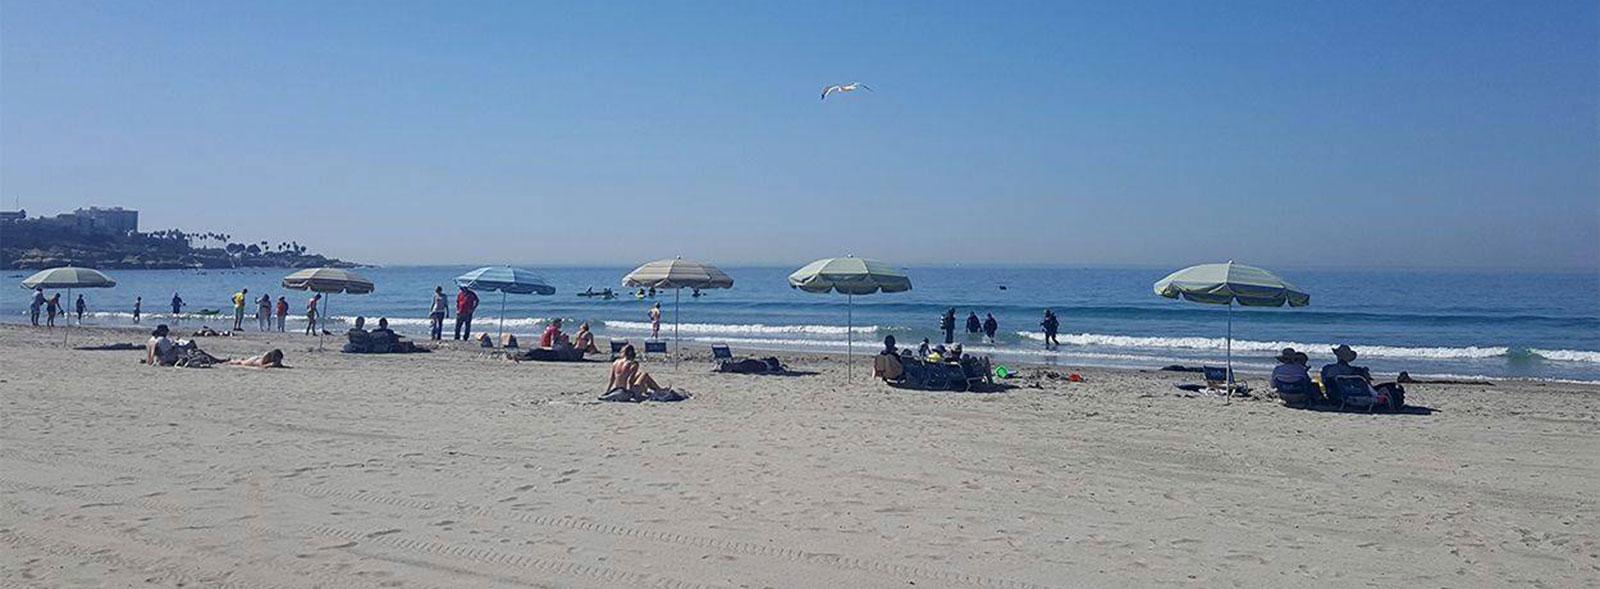 La Jolla Shores Hotel umbrellas and beach chairs set up at La Jolla Shores Beach